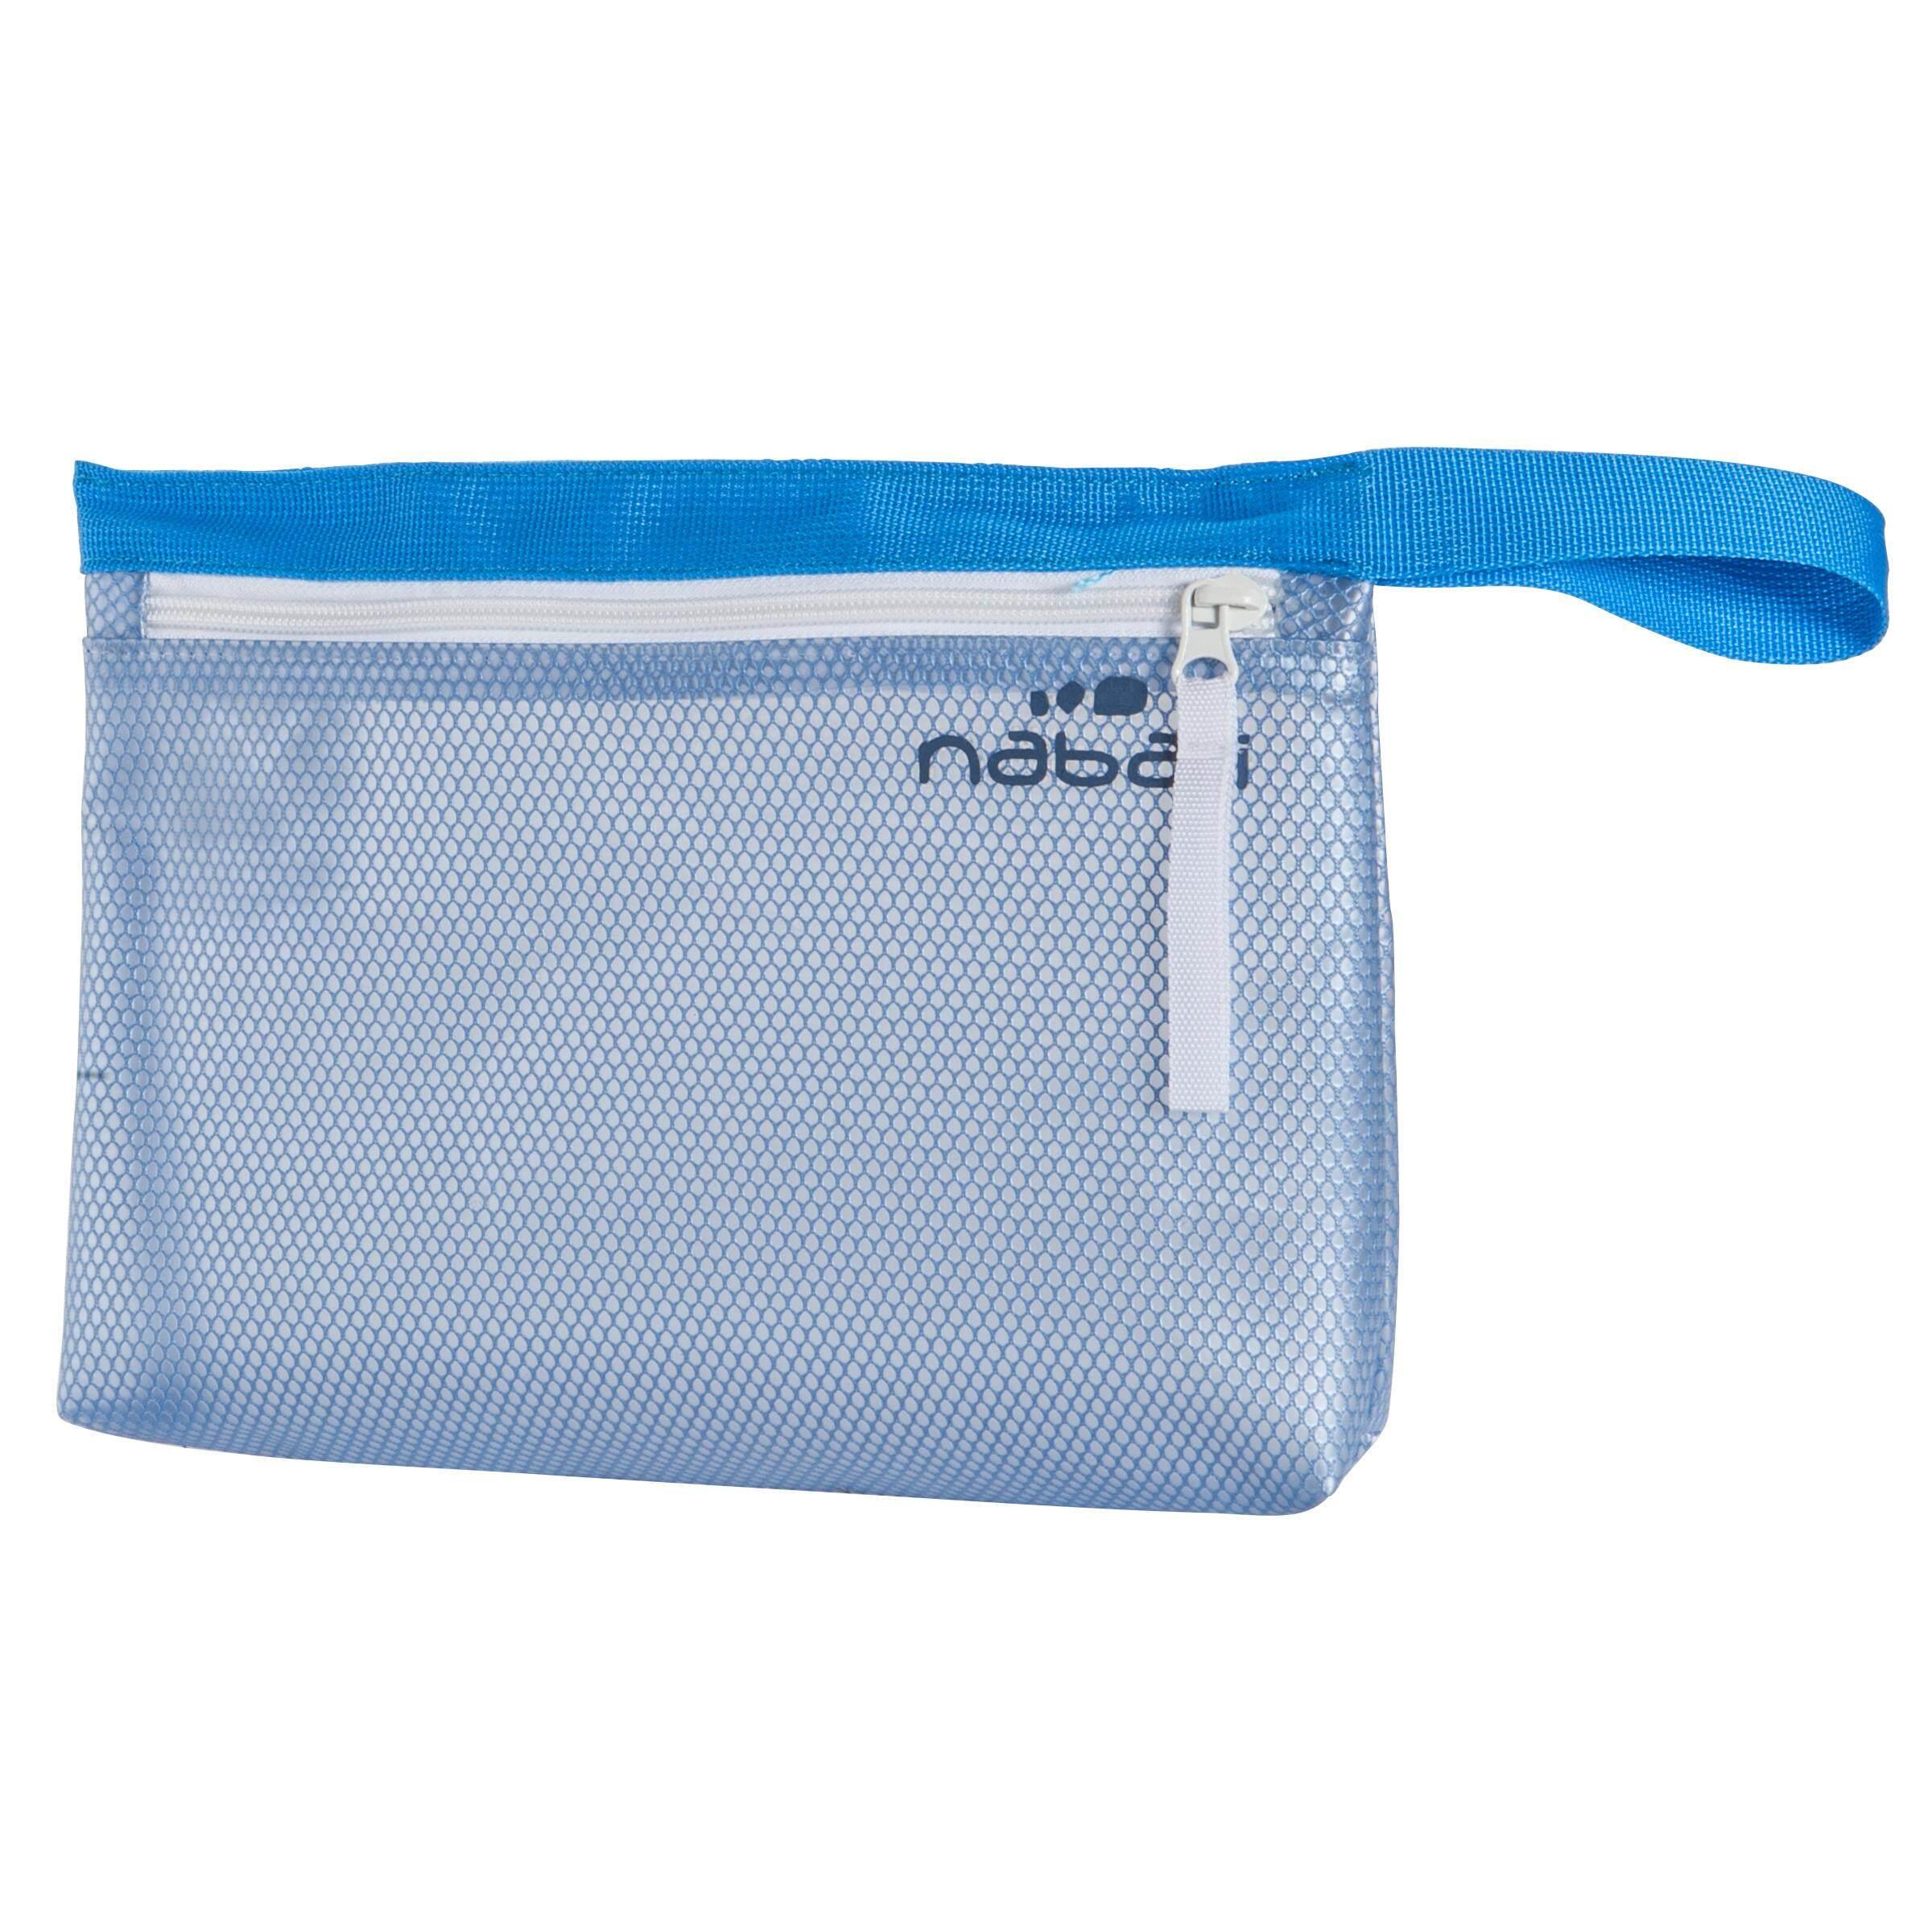 [ด่วน!! โปรโมชั่นมีจำนวนจำกัด] กระเป๋าว่ายน้ำ (สี CHINA BLUE) สำหรับ ว่ายน้ำ